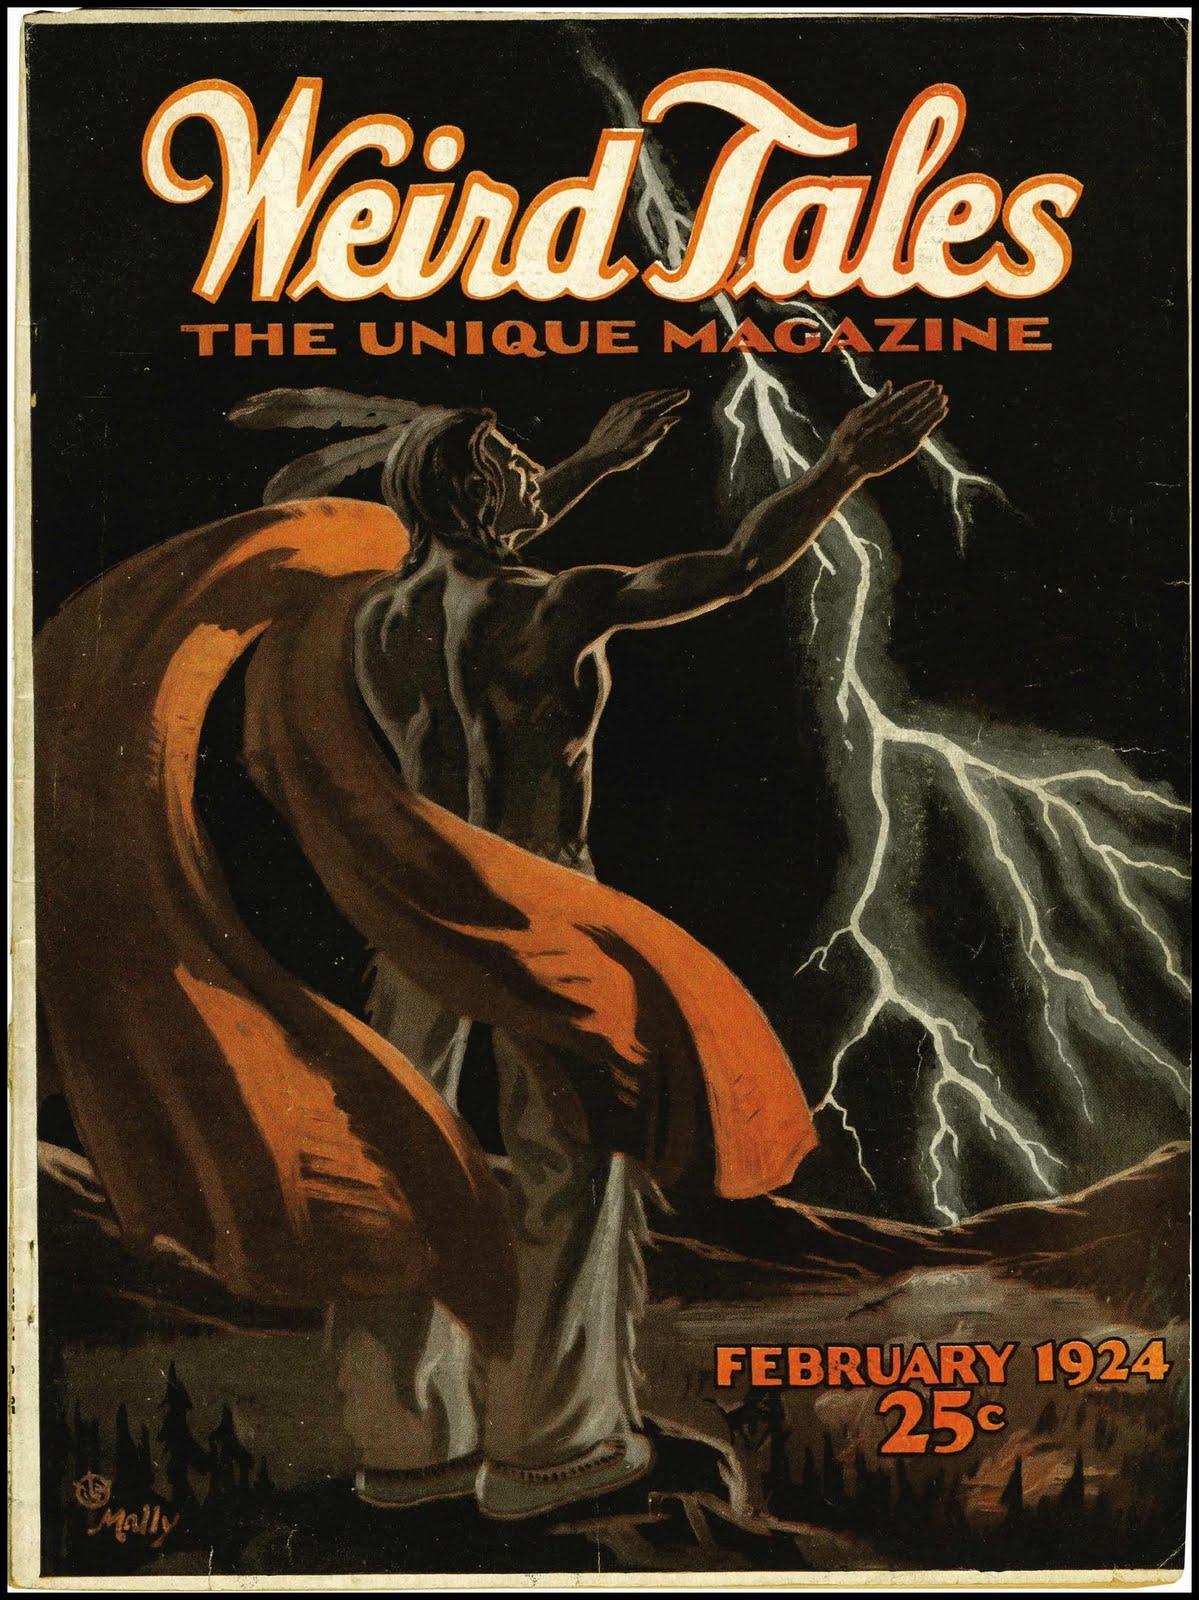 H.P. Lovecraft - Terrores Bibliográficos (1917-1959) | Noviembre Nocturno 50